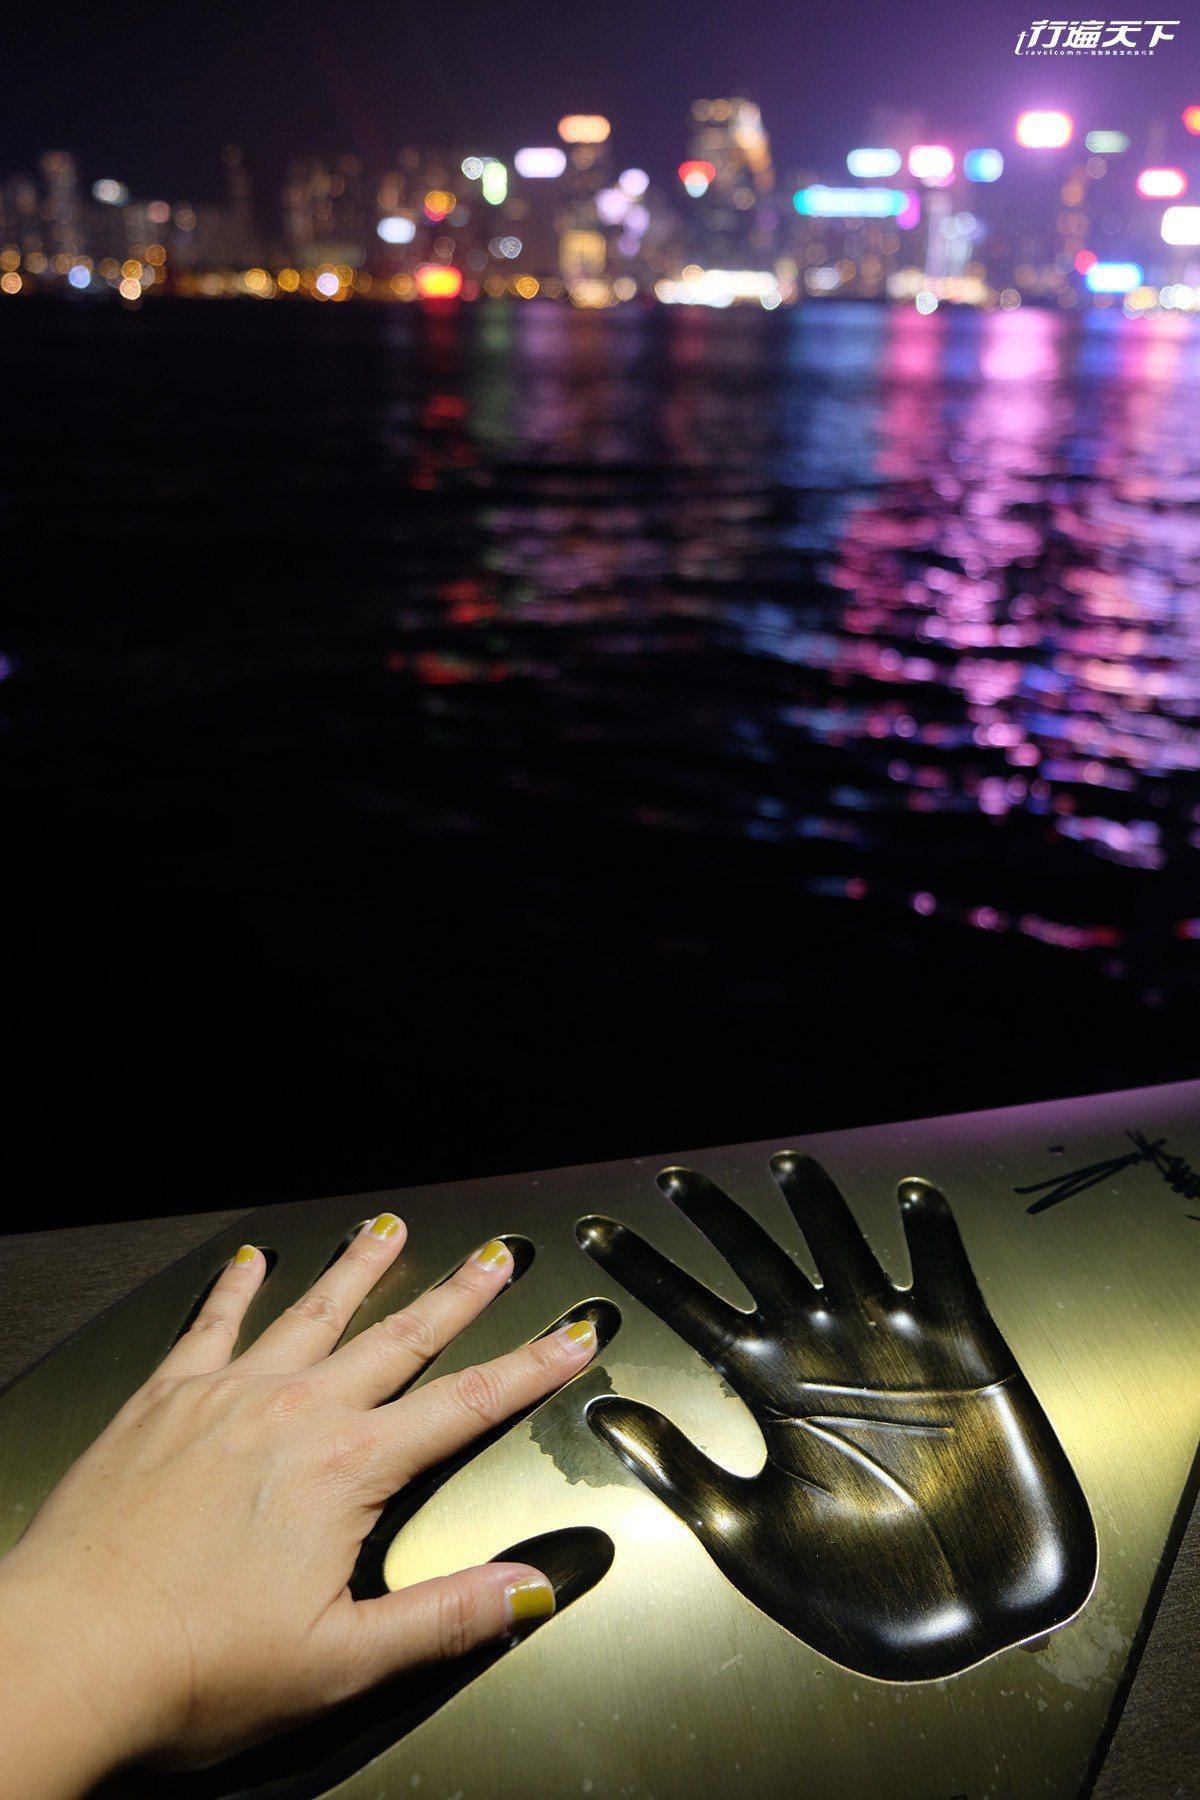 與劉德華的手印一起看著香港夜景。